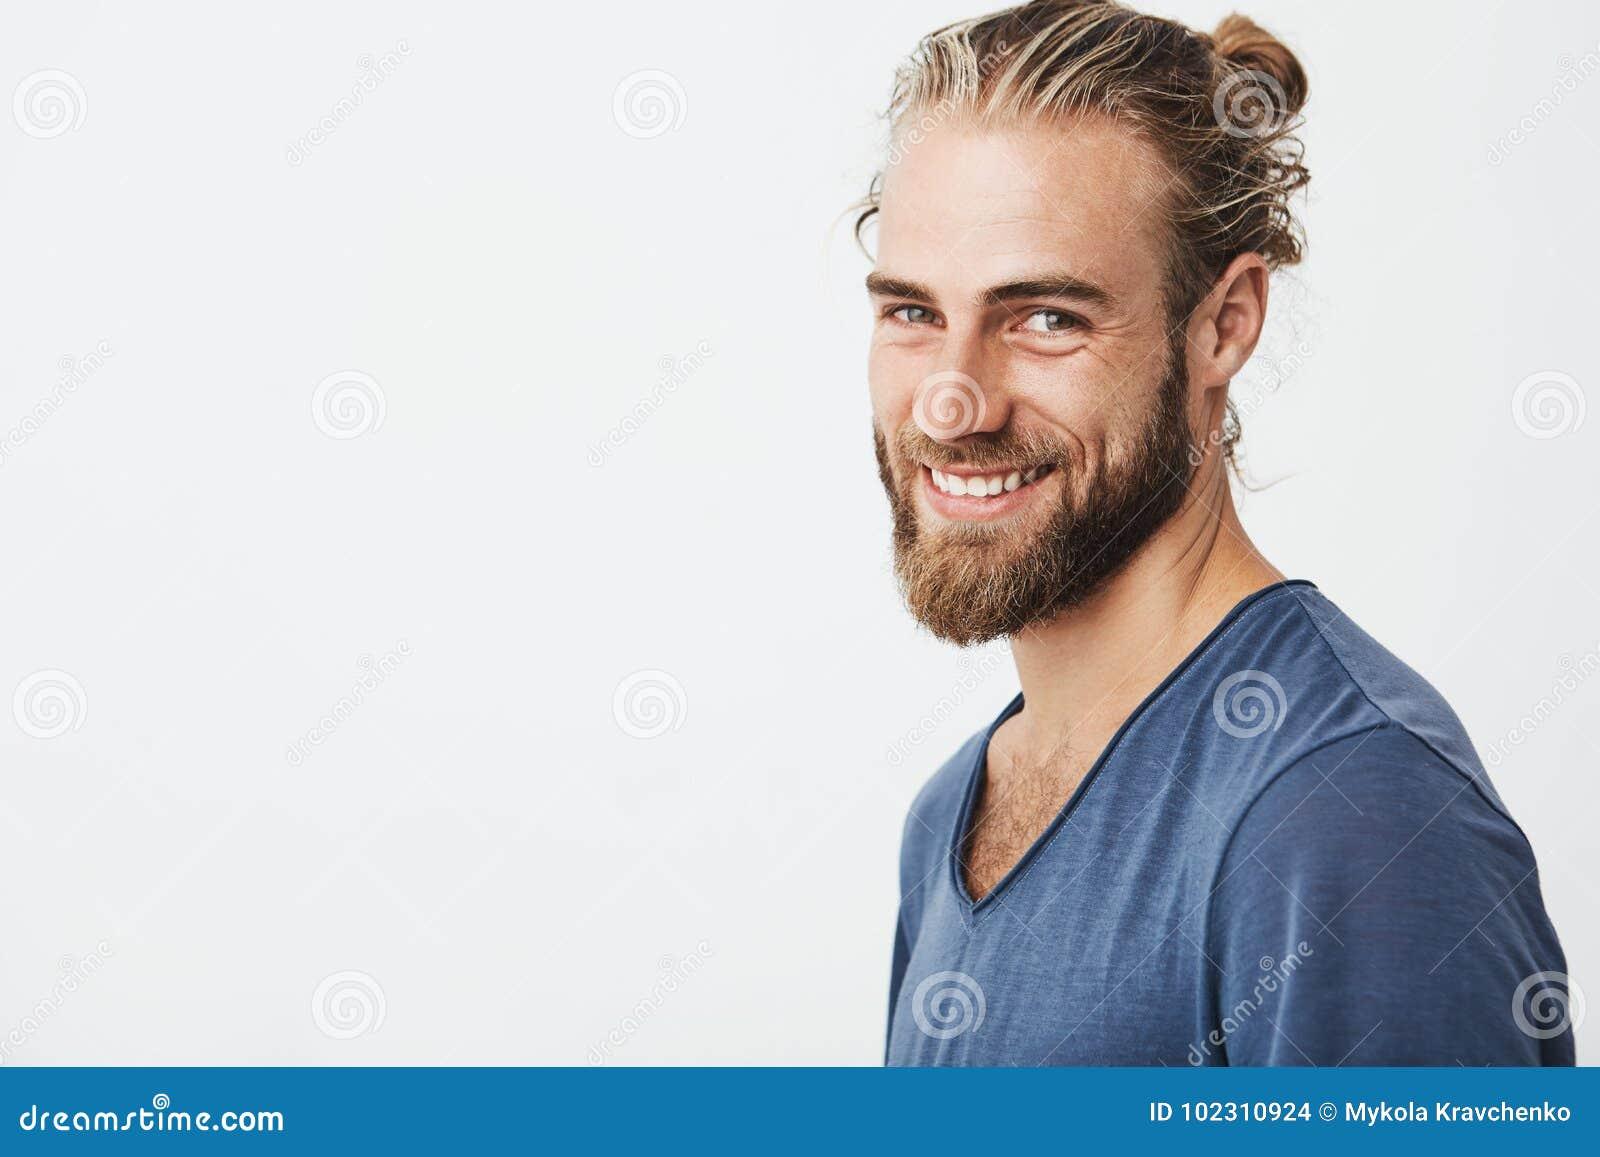 Ευτυχής νέος γενειοφόρος τύπος με το μοντέρνο hairstyle και γενειάδα που εξετάζει τη κάμερα, χαμογελώντας brightfully με τα δόντι